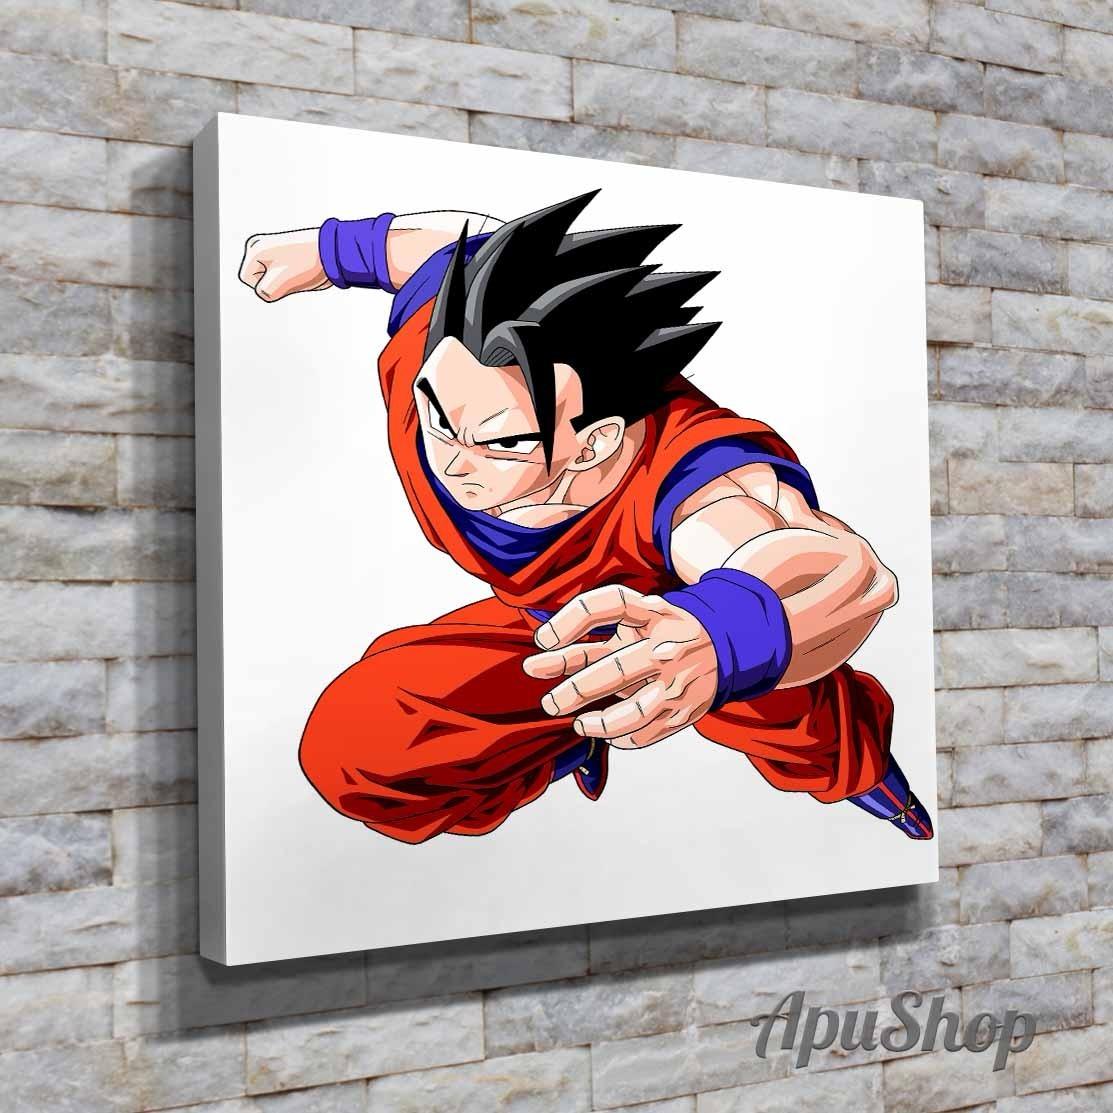 Cuadros 40x40 Dragon Ball Z Dbz Gohan Dibujos Anime Y Más - $ 599,00 ...